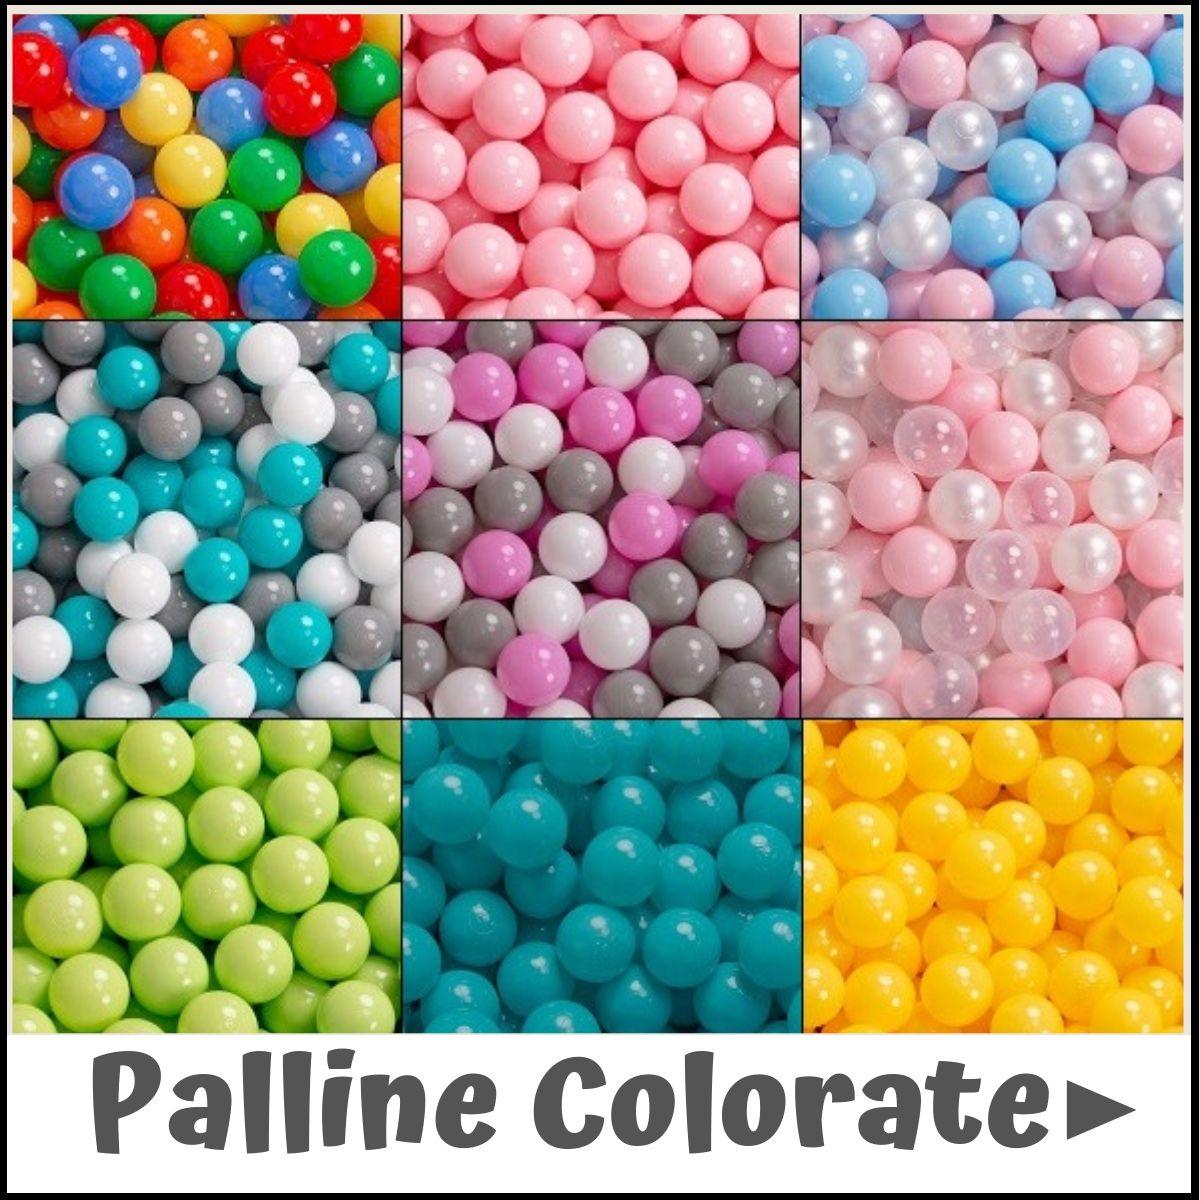 Perla//Grigio//Trasparente//Azzurro//Menta Menta KiddyMoon 90X40cm//200 Palline /∅ 7CM Quadrato Piscina di Palline Colorate per Bambini Fabbricato in EU